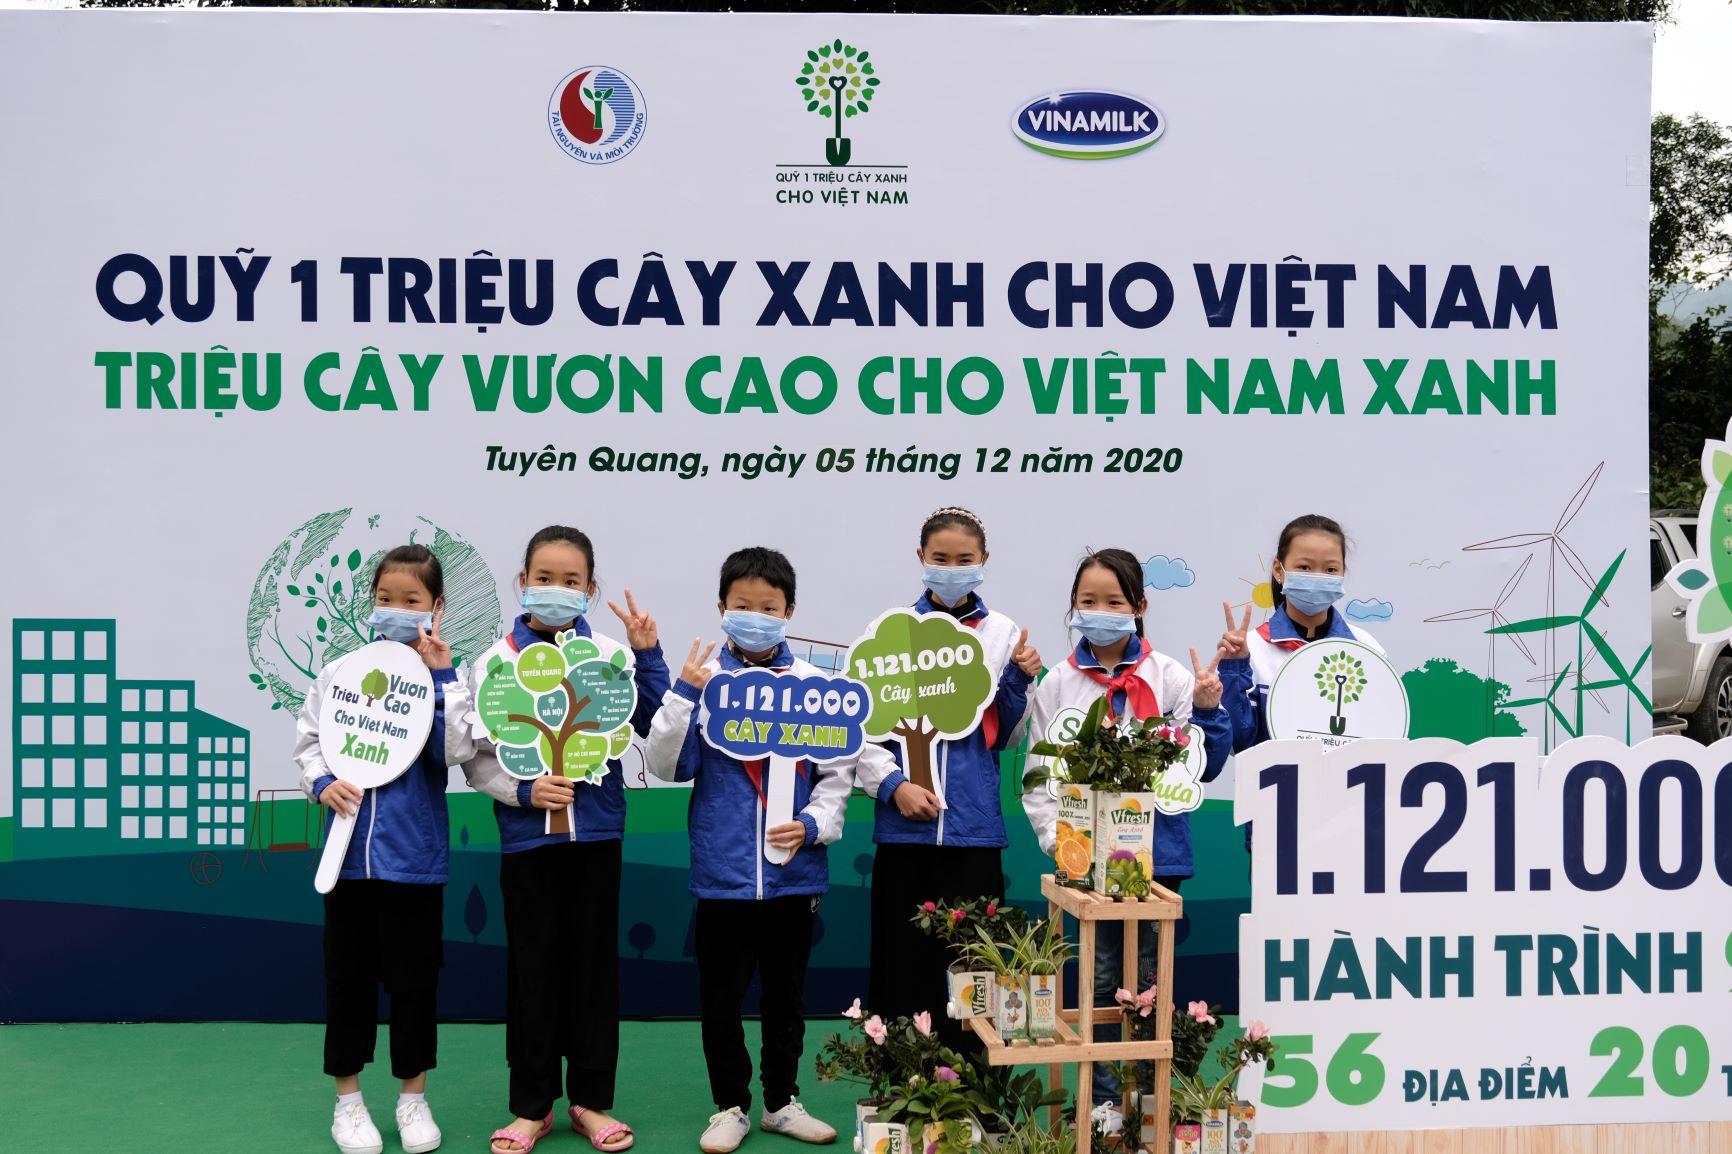 """Quỹ 1 triệu cây xanh cho Việt Nam của Vinamilk - Chương trình vì môi trường tạo được """"dấu ấn xanh"""" đặc biệt với cộng đồng 16"""